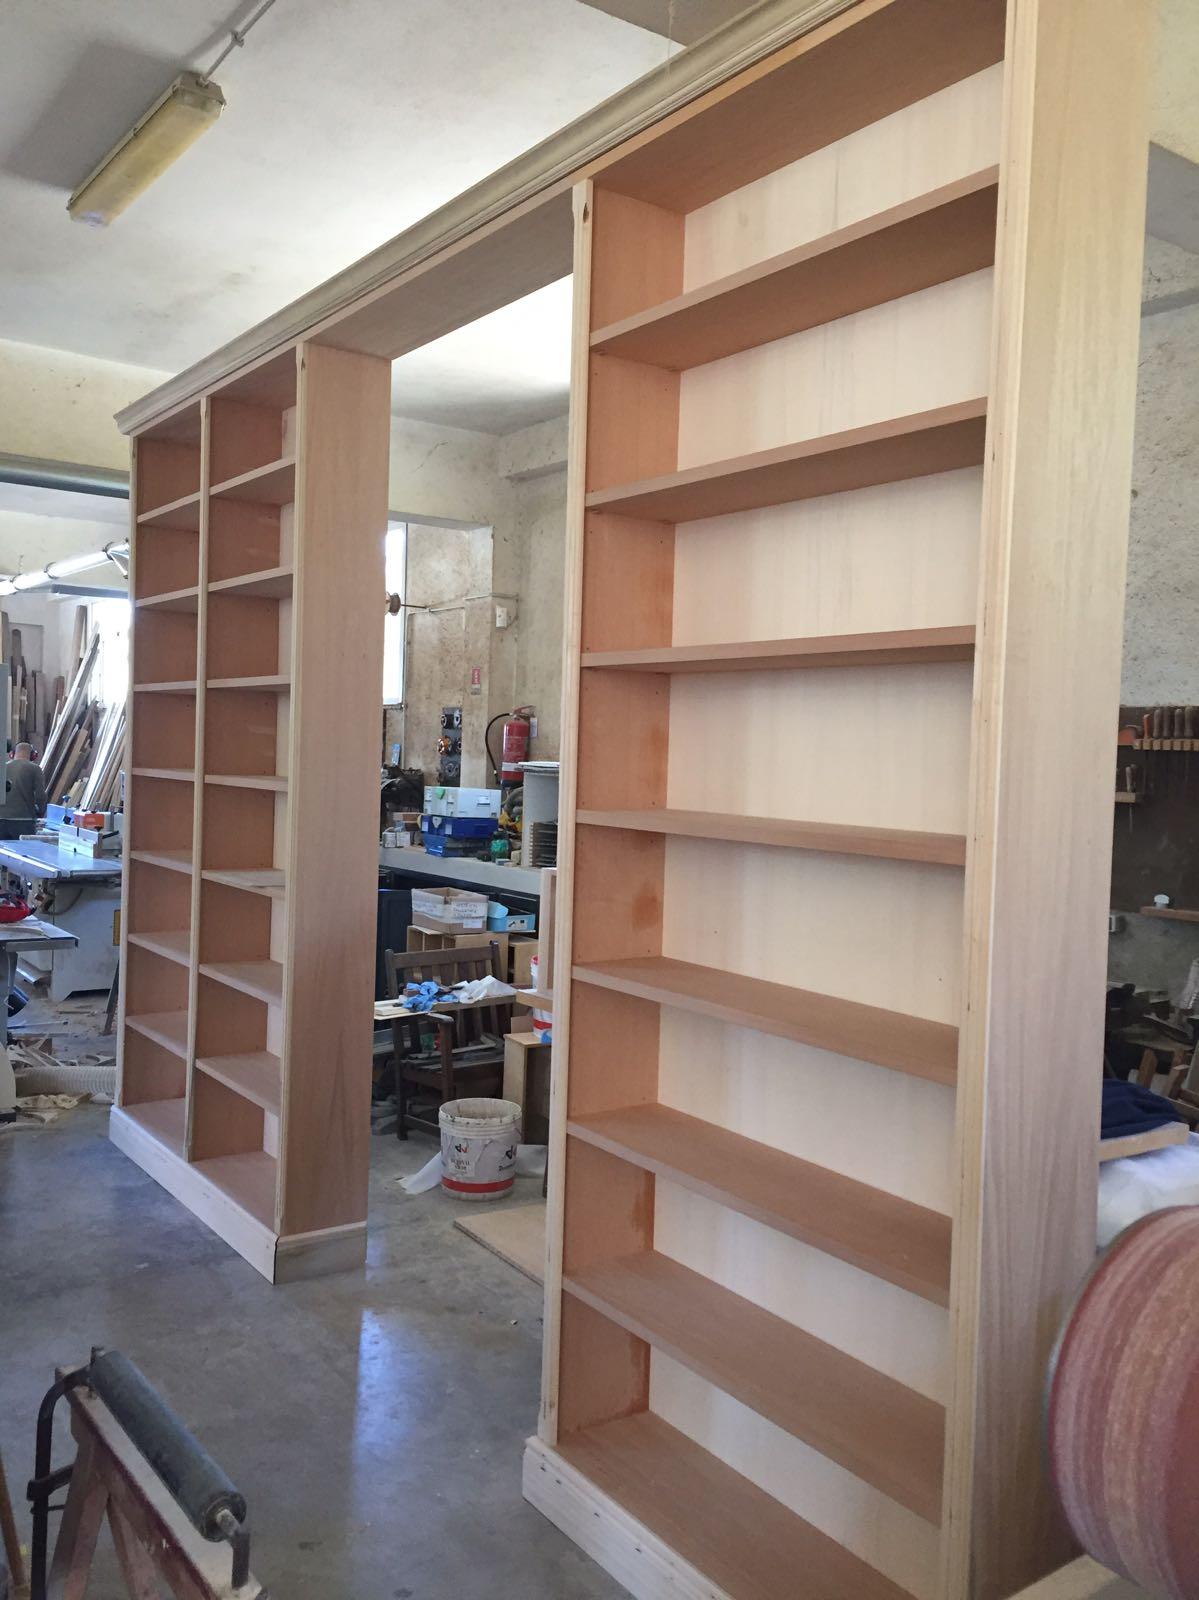 Mobili Su Misura Trieste mobili su misura- arredamenti su misura di qualità: librerie